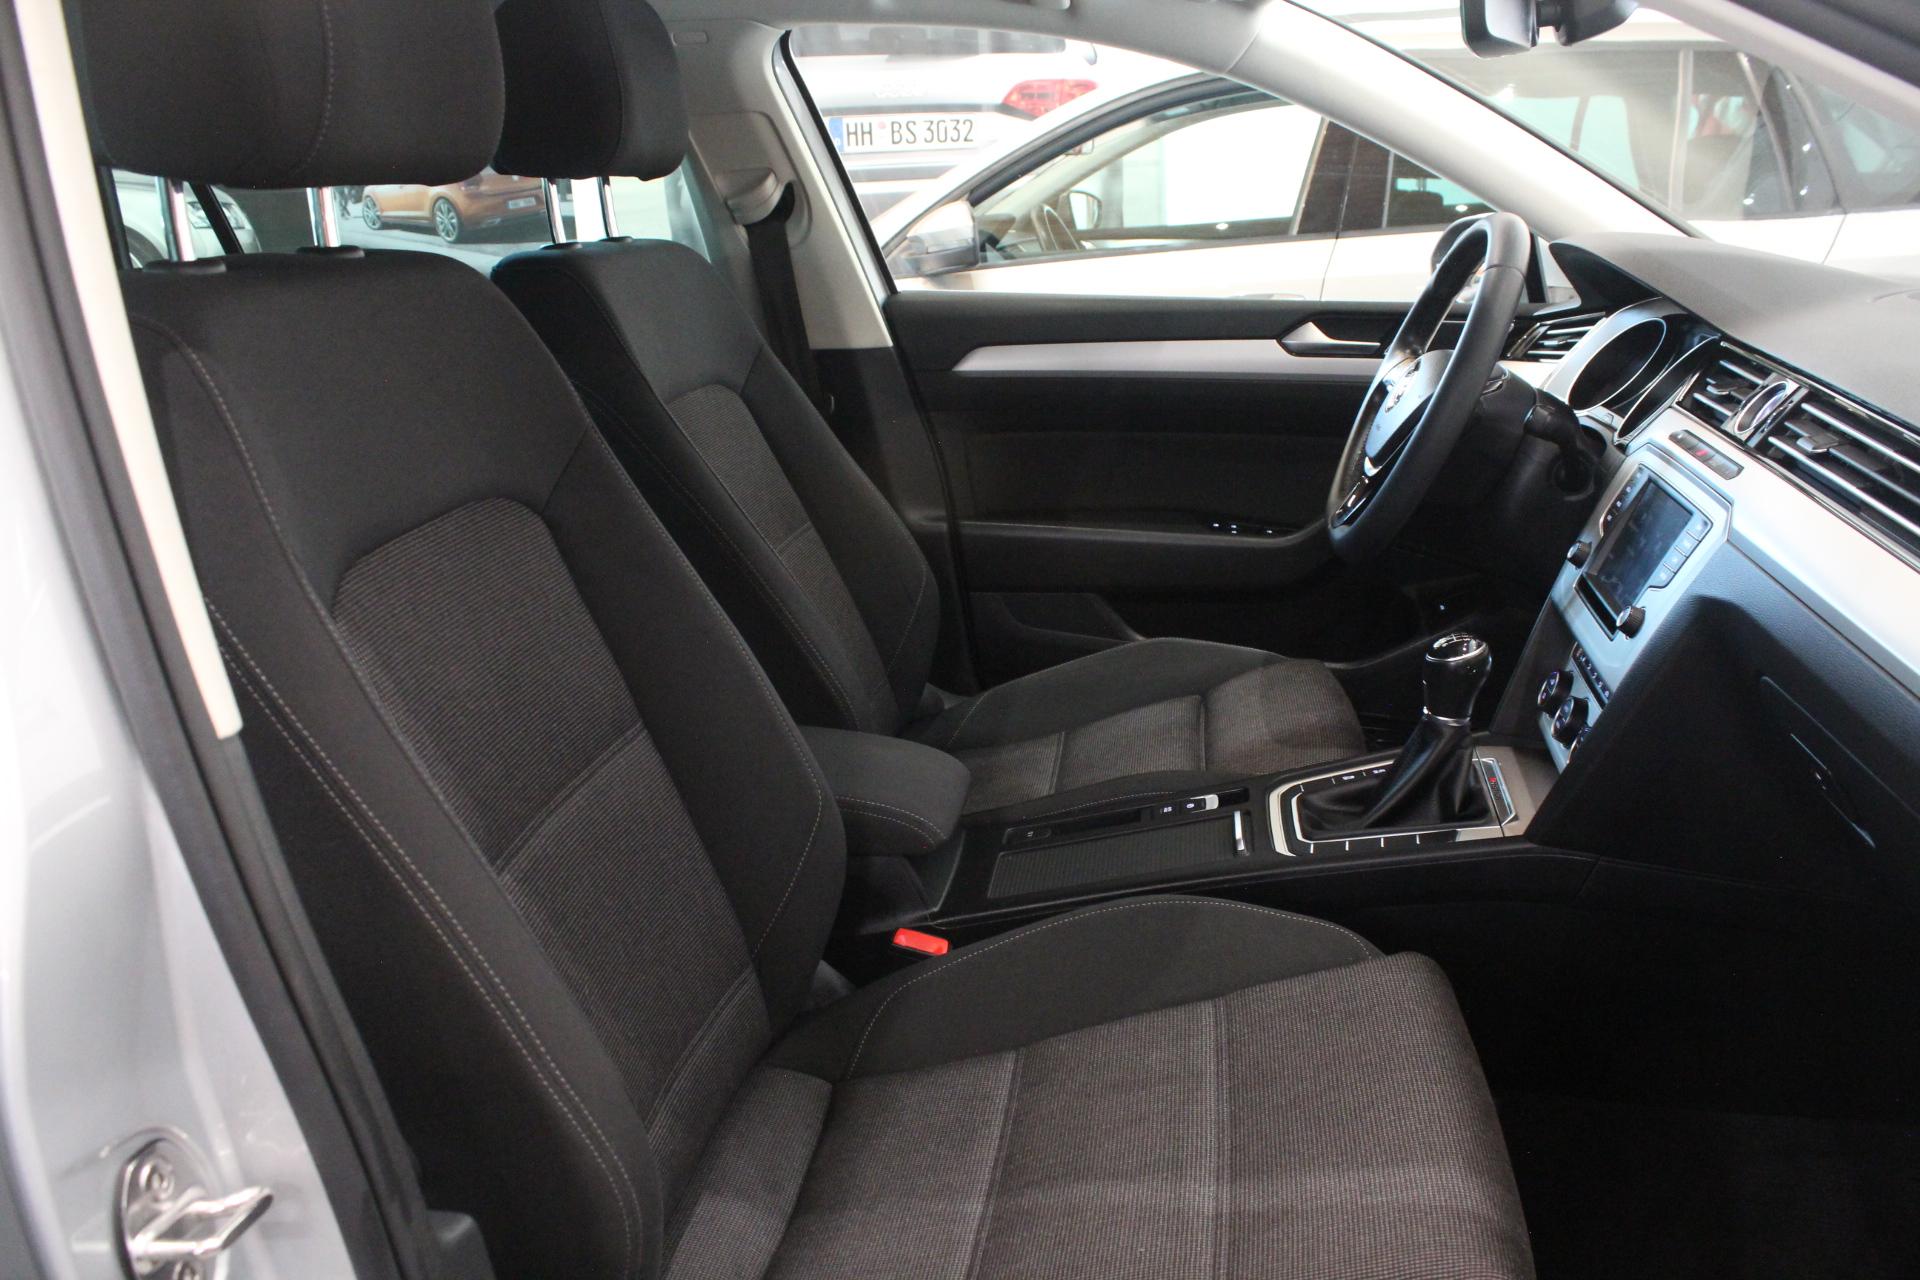 VW Passat B8 2.0 TDI Highline 4Motion FULL LED - AutoBrela obrázek